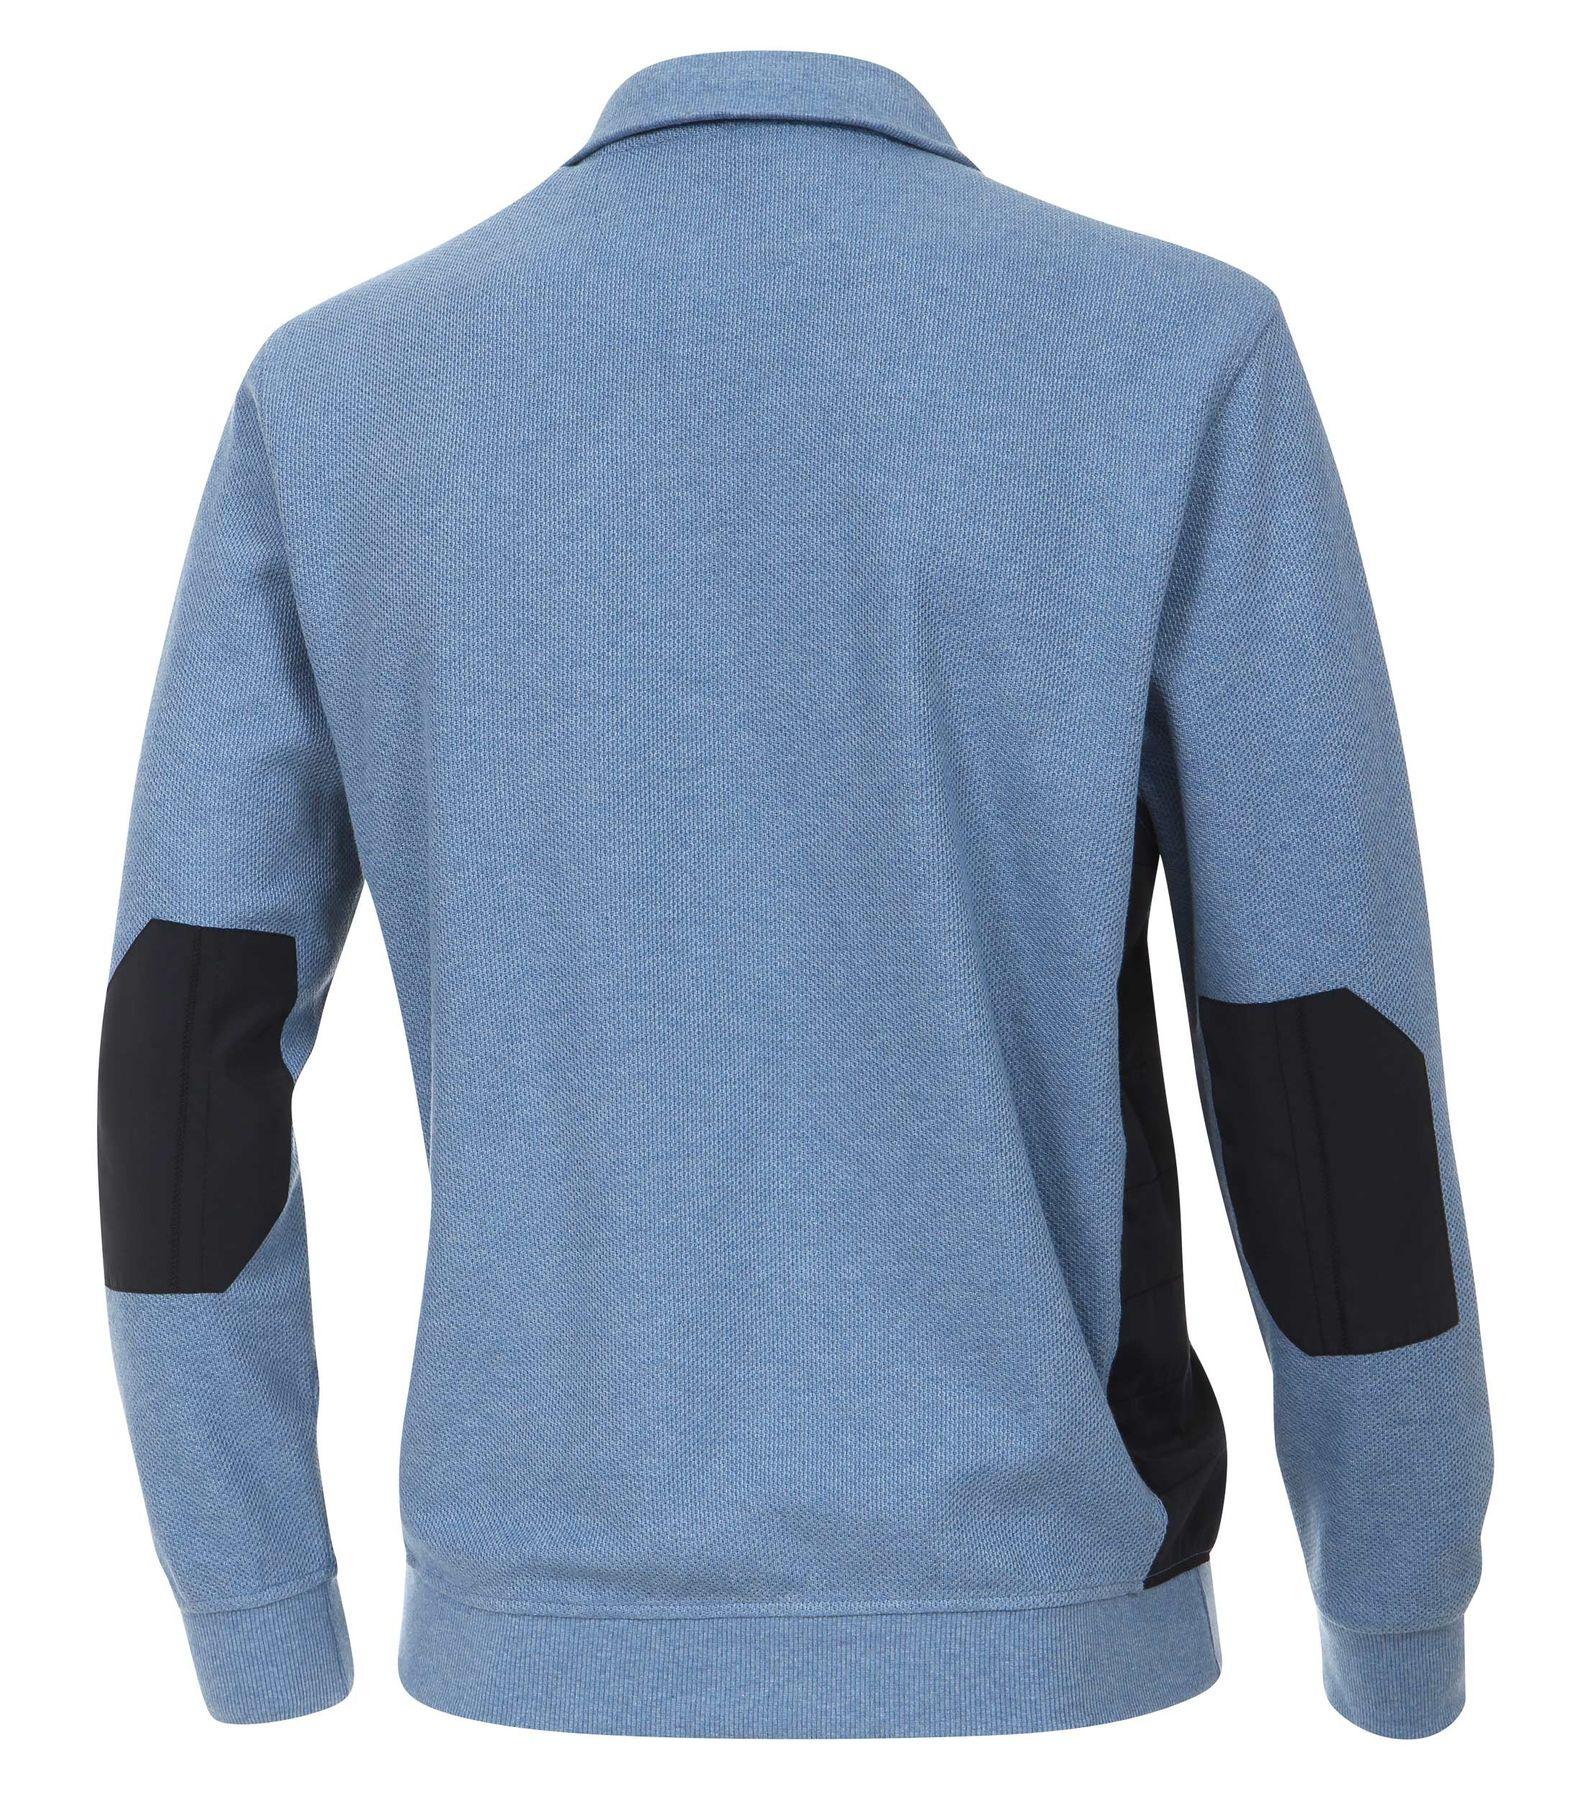 Casa Moda - Herren Sweat-Troyer mit Ellenbogen-Patches und Stickerei auf der Brust in Blau und Braun (472625900A) – Bild 10